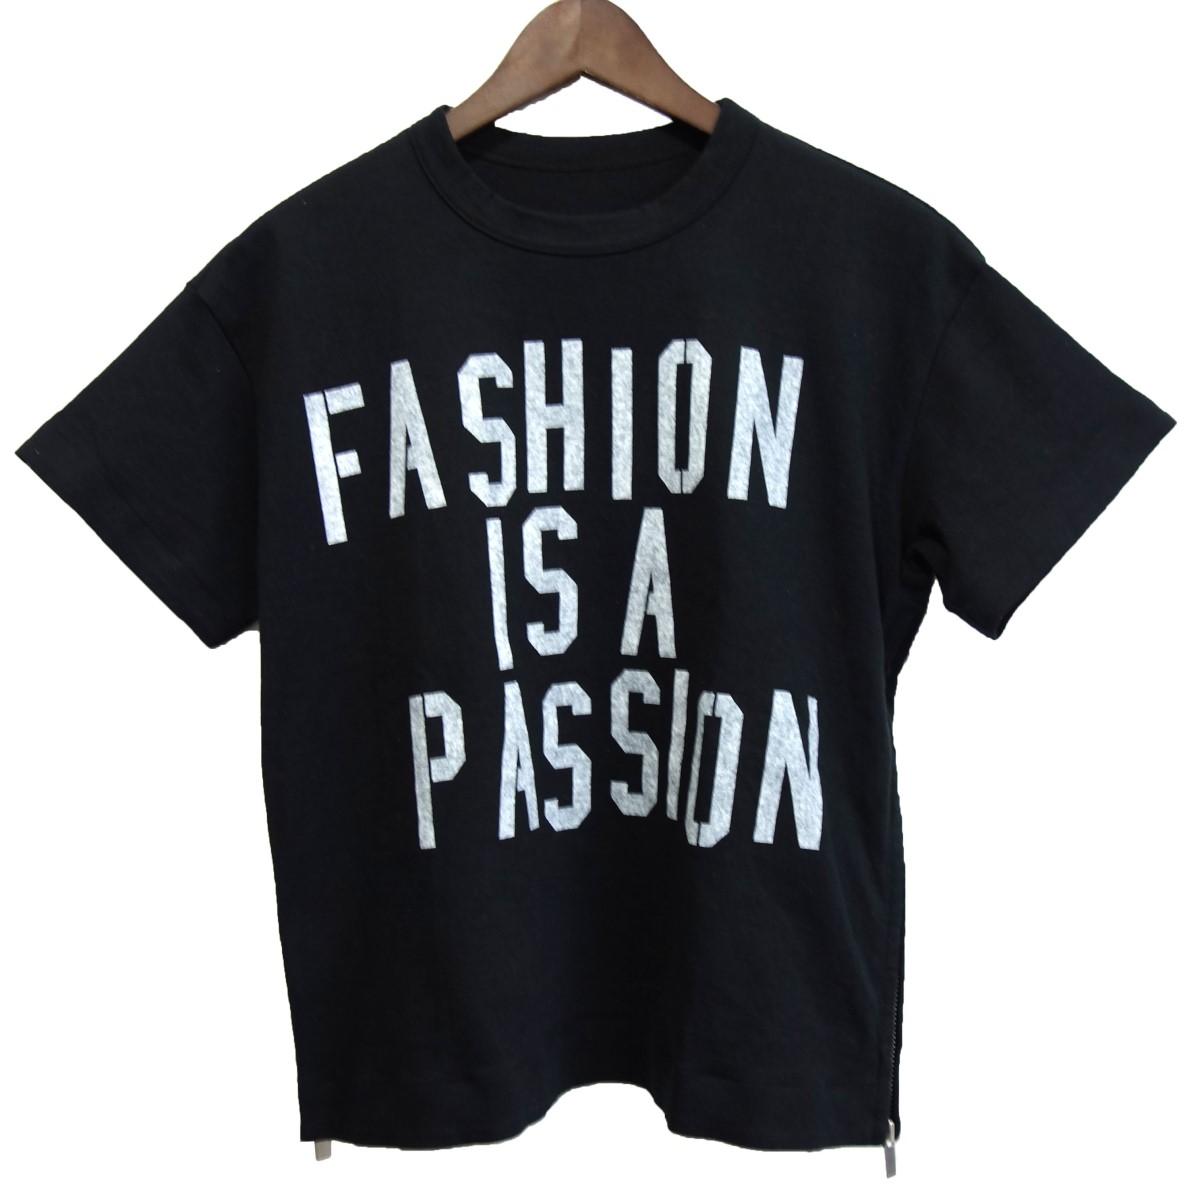 【中古】sacai 「FASHION IS A PASSION」 プリントTシャツ ブラック サイズ:1 【070320】(サカイ)